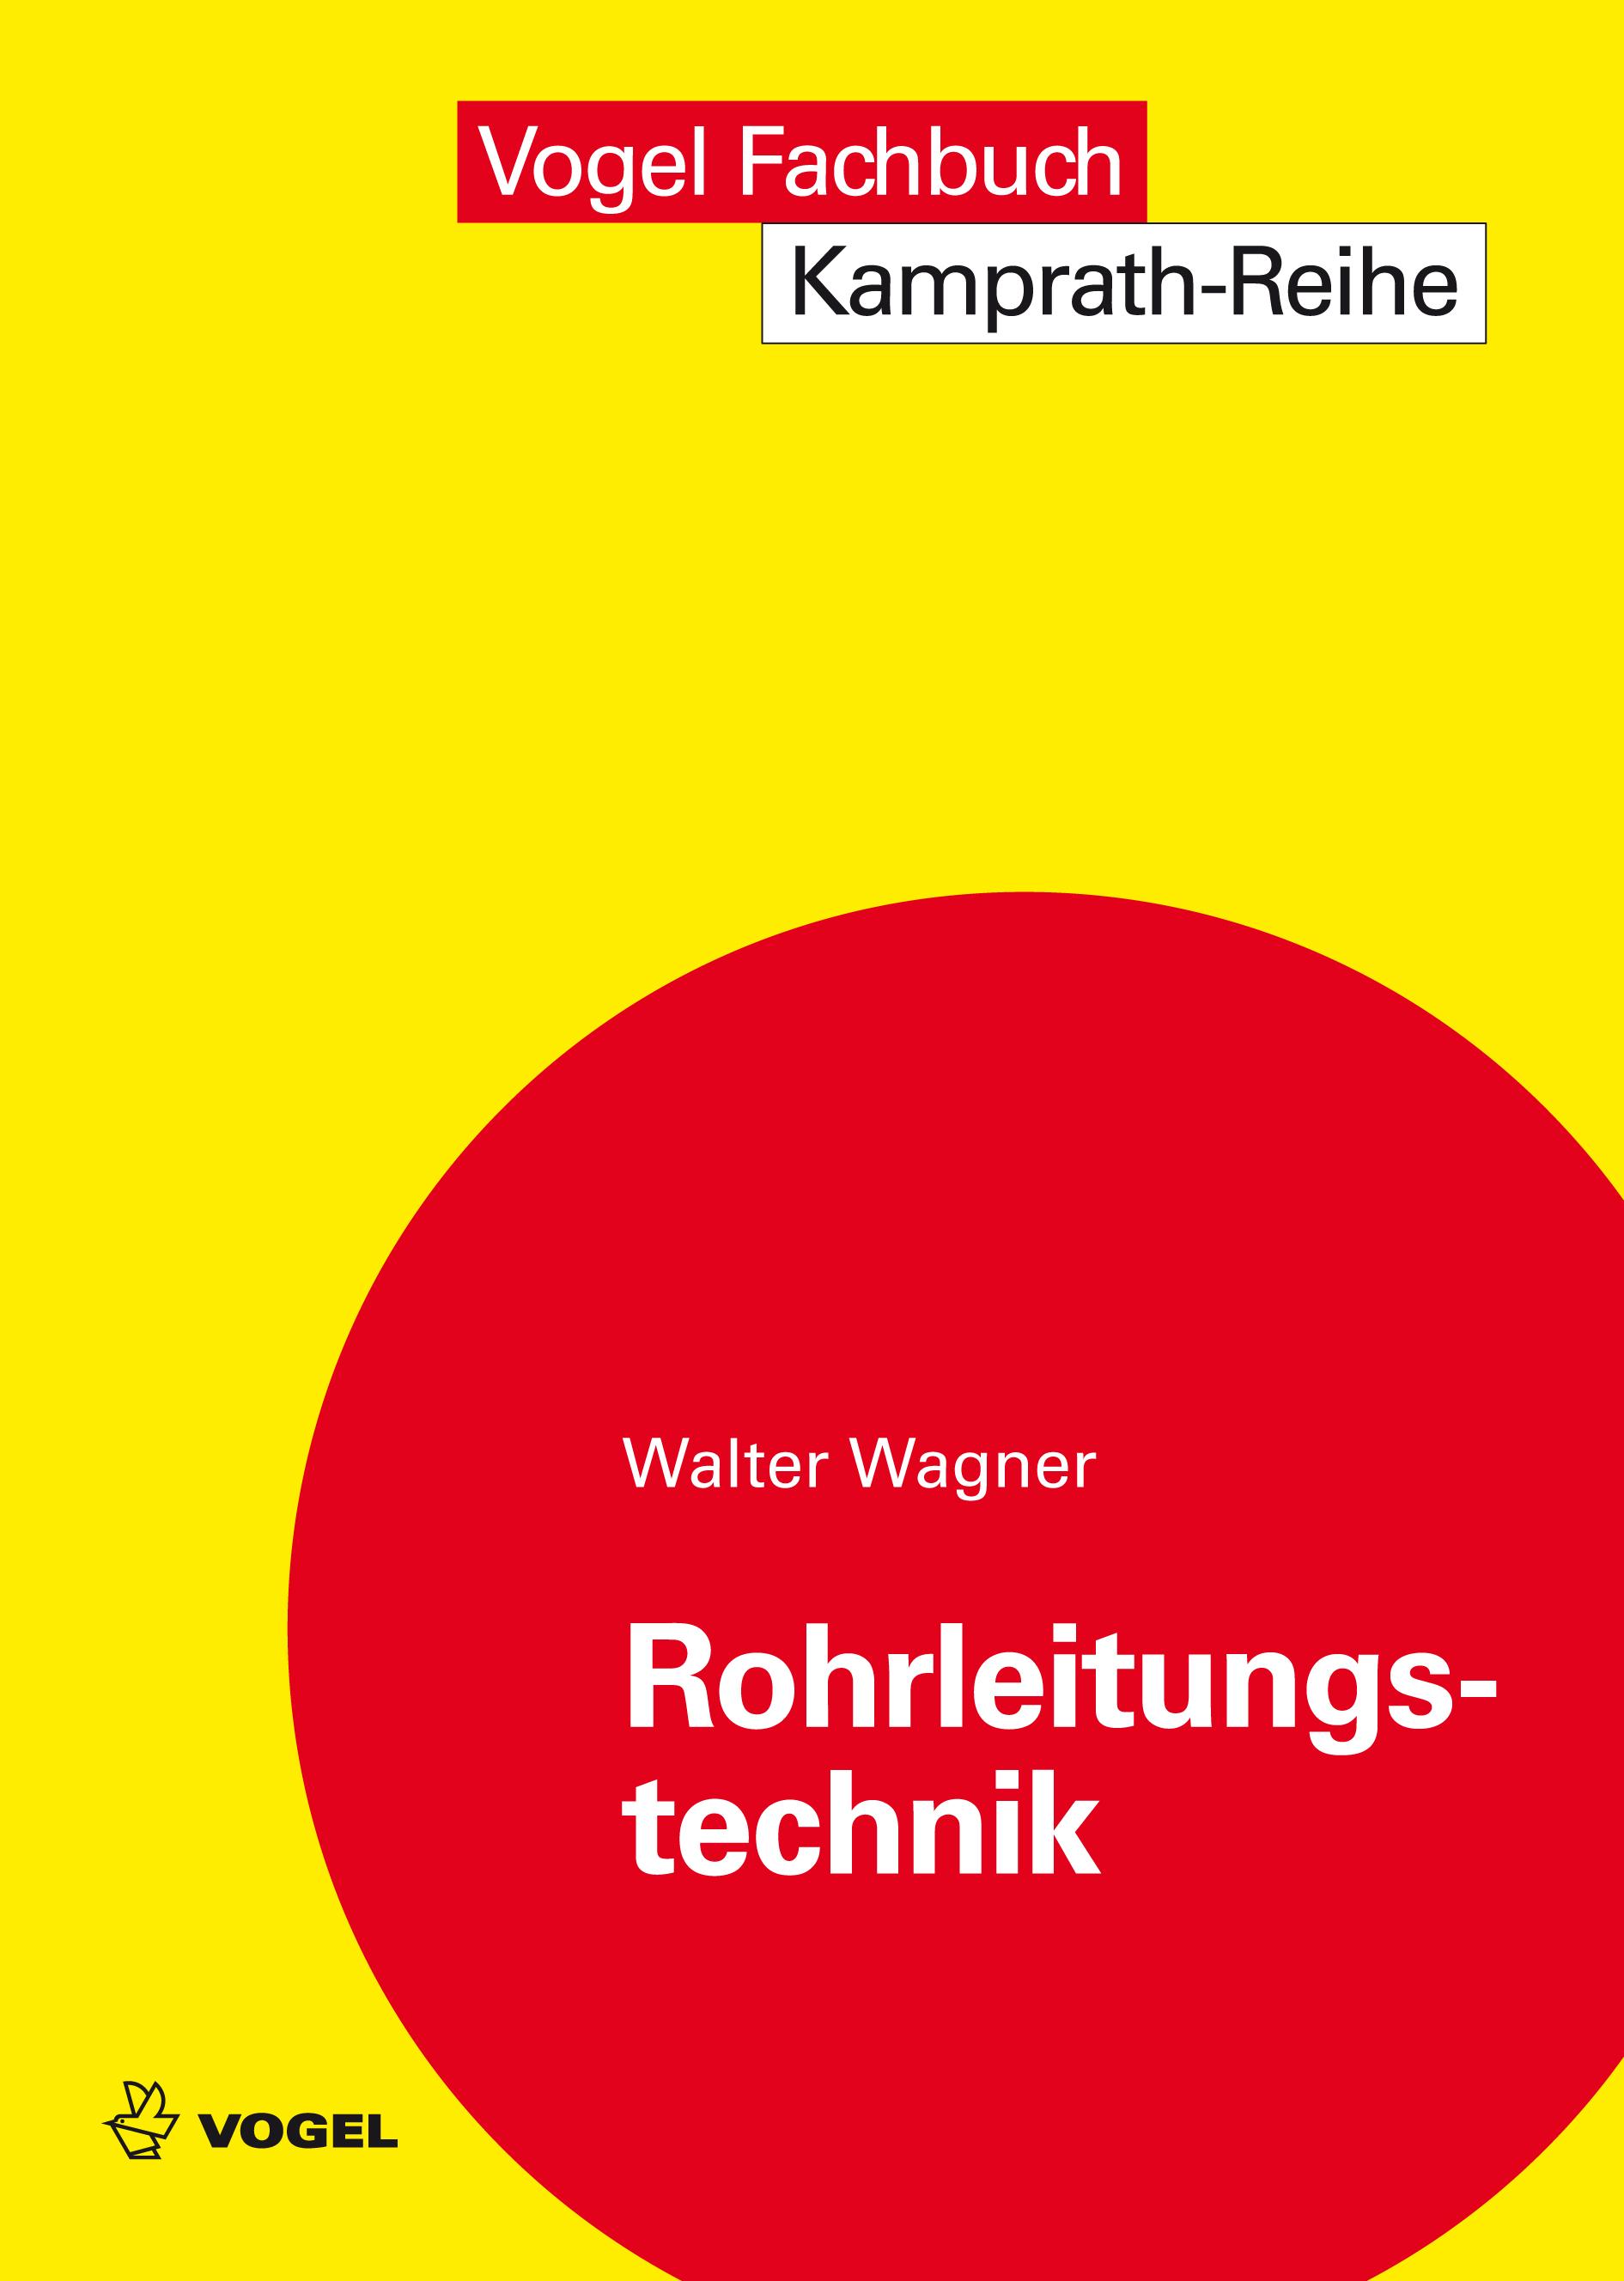 Titelbild Fachbuch Rohrleitungstechnik